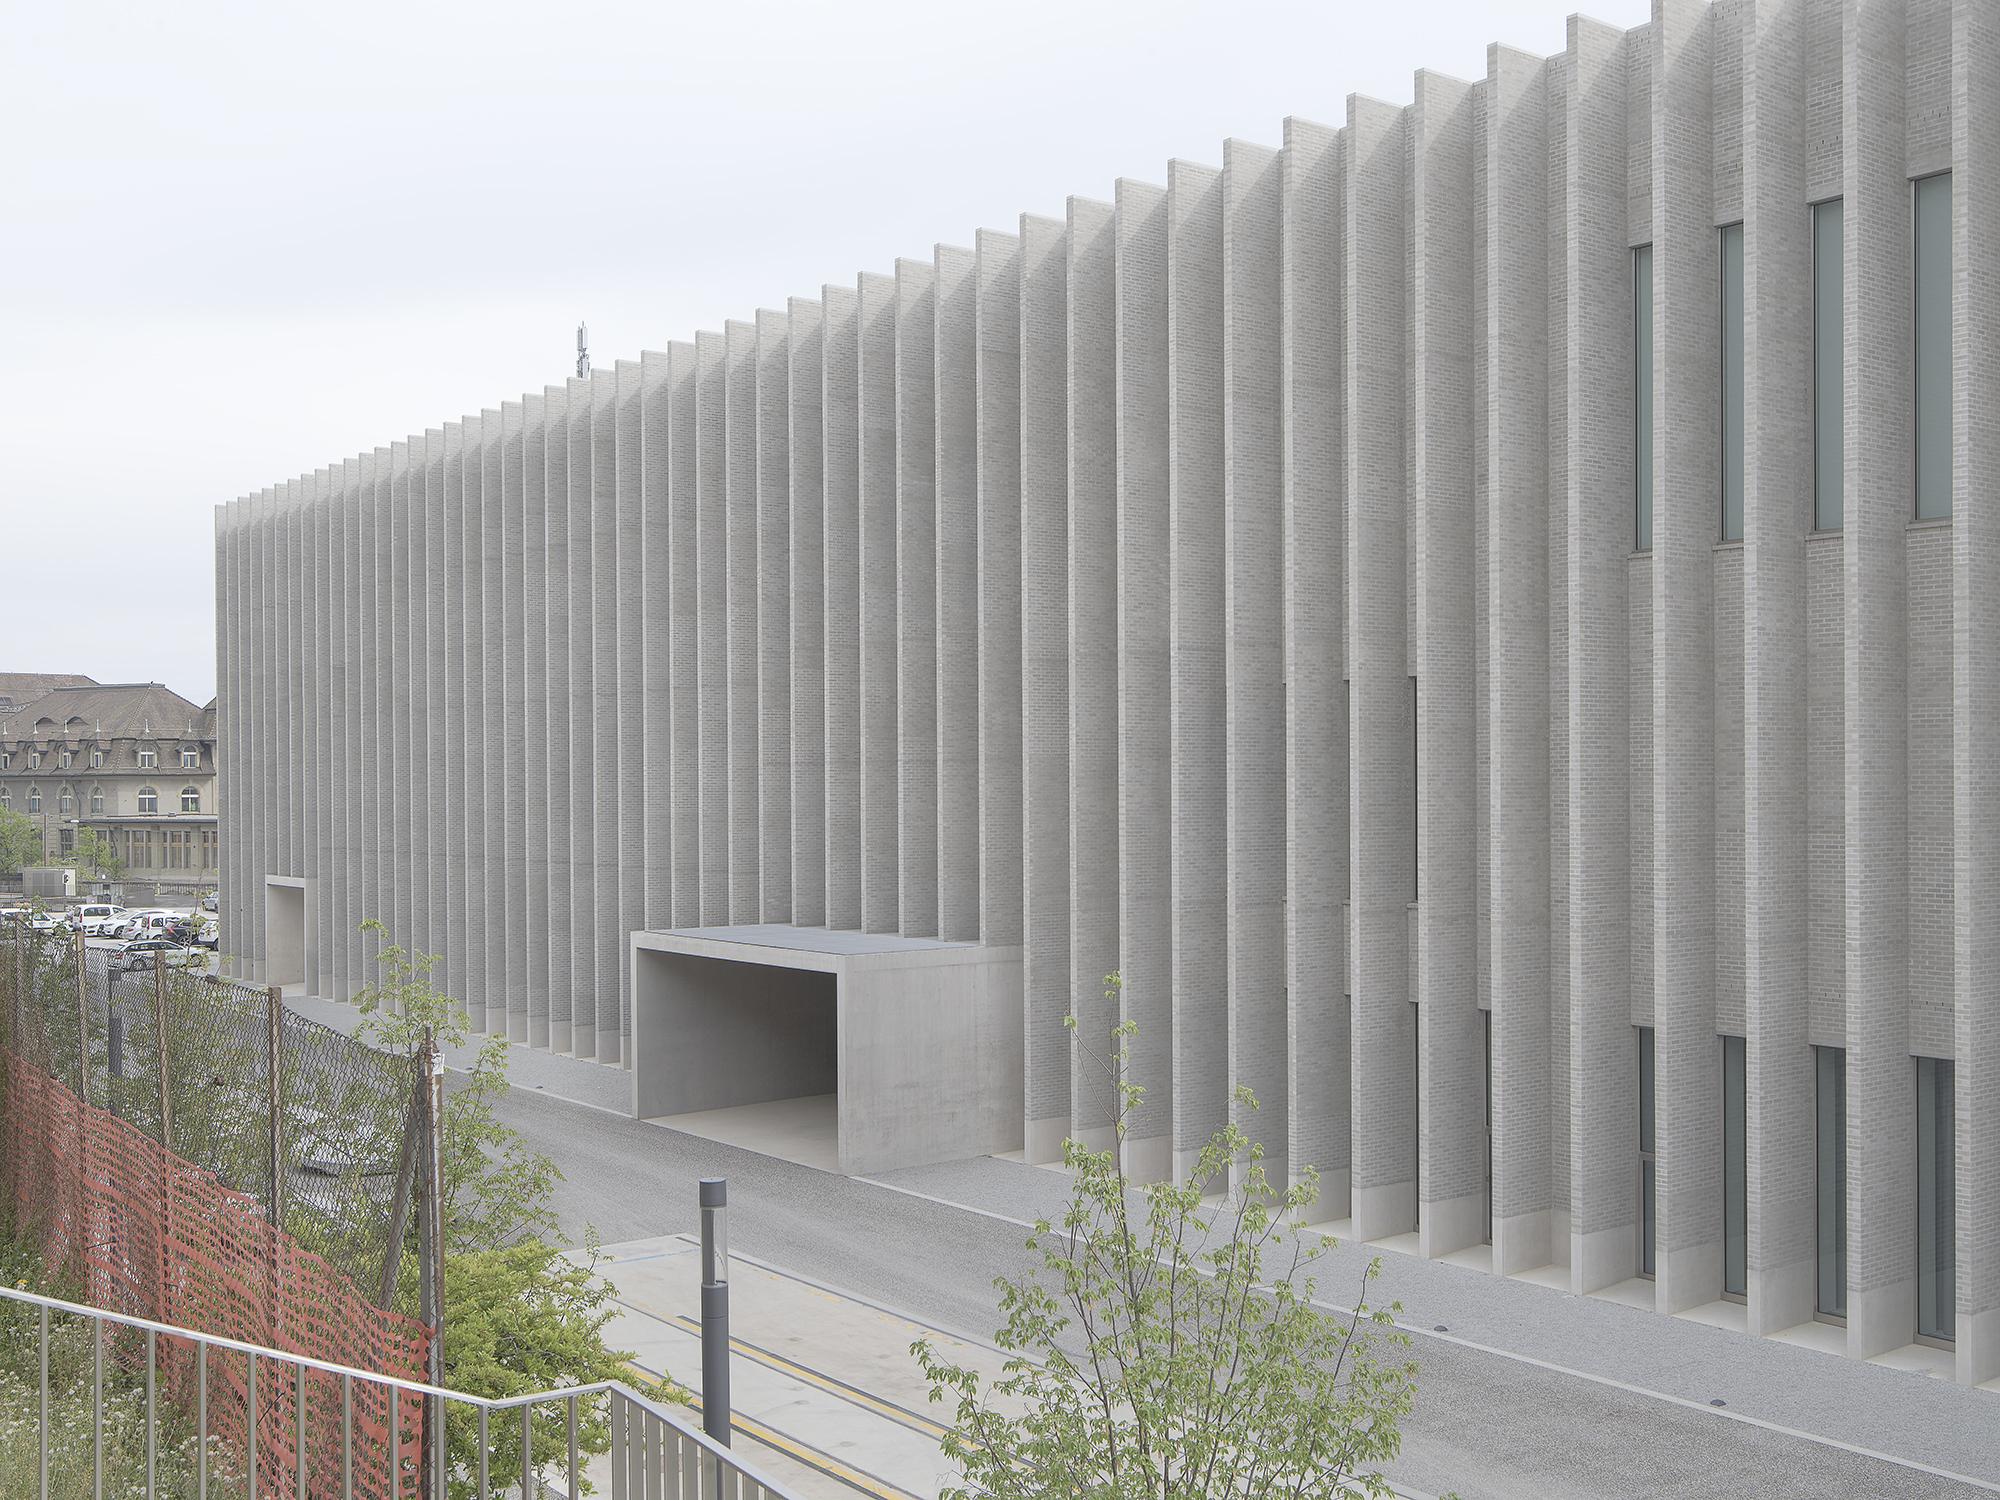 entrée du musée des Beaux arts de Lausanne